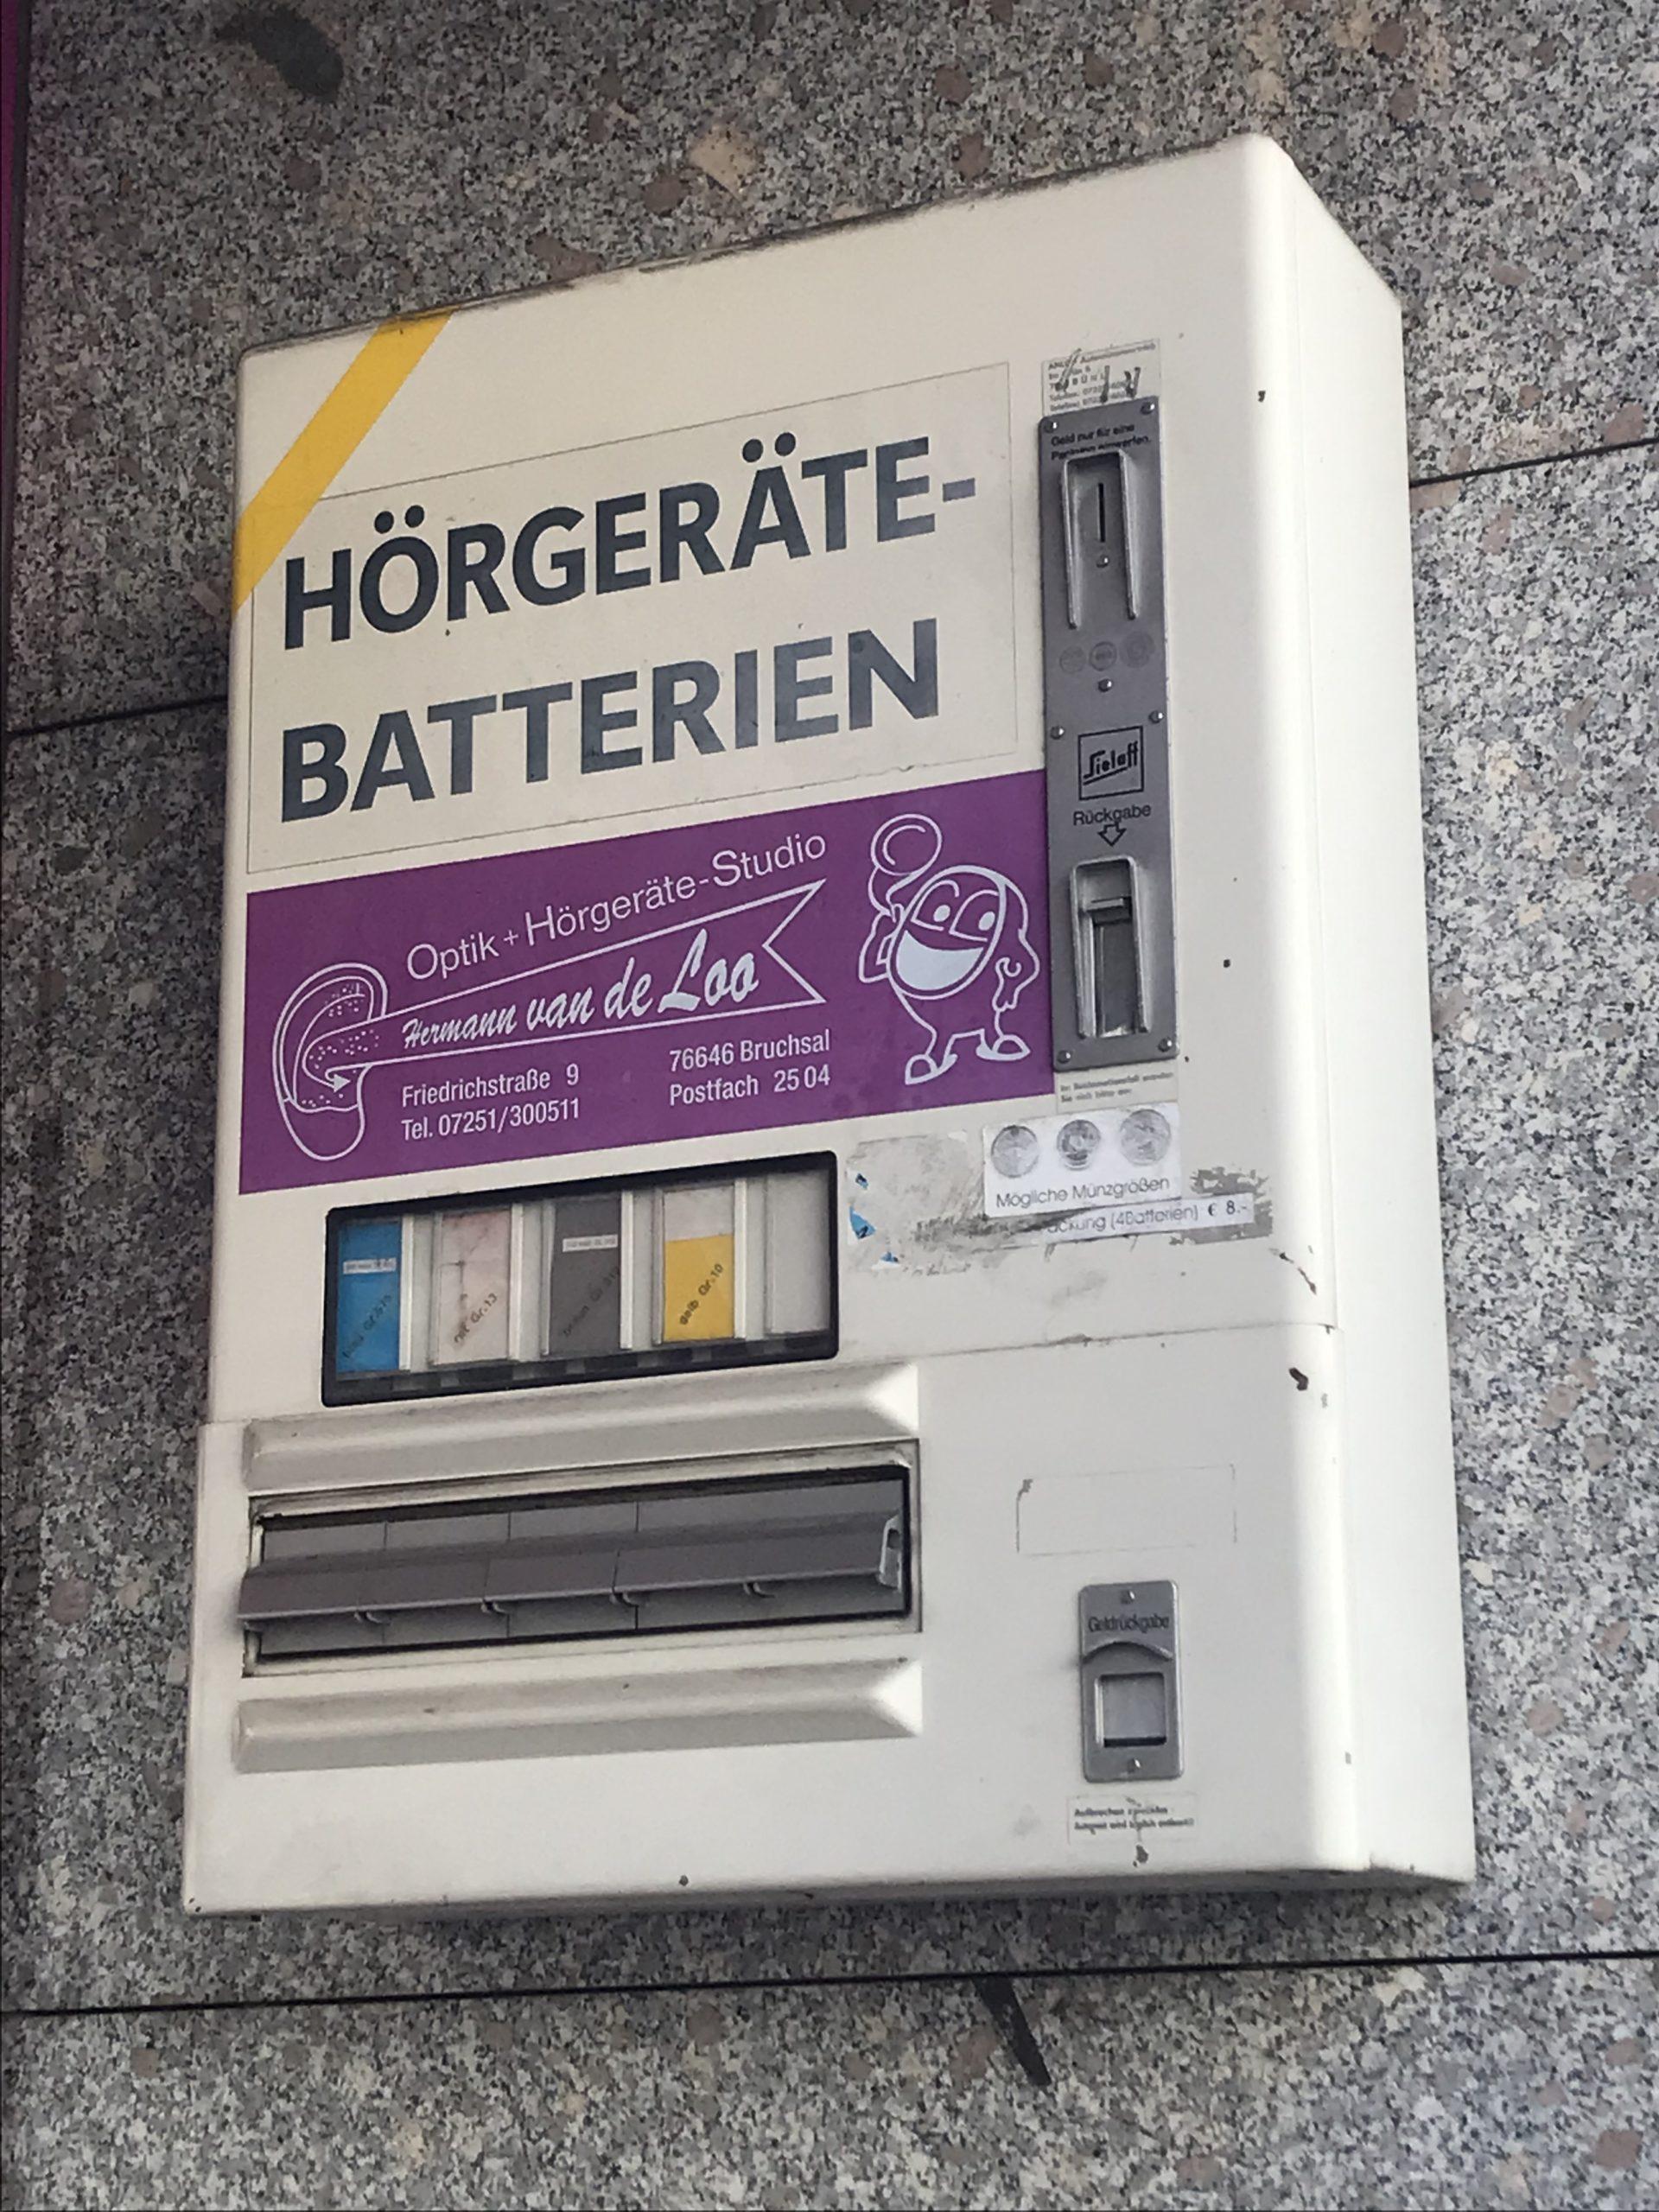 Ein Hörgerätbatterienautomat